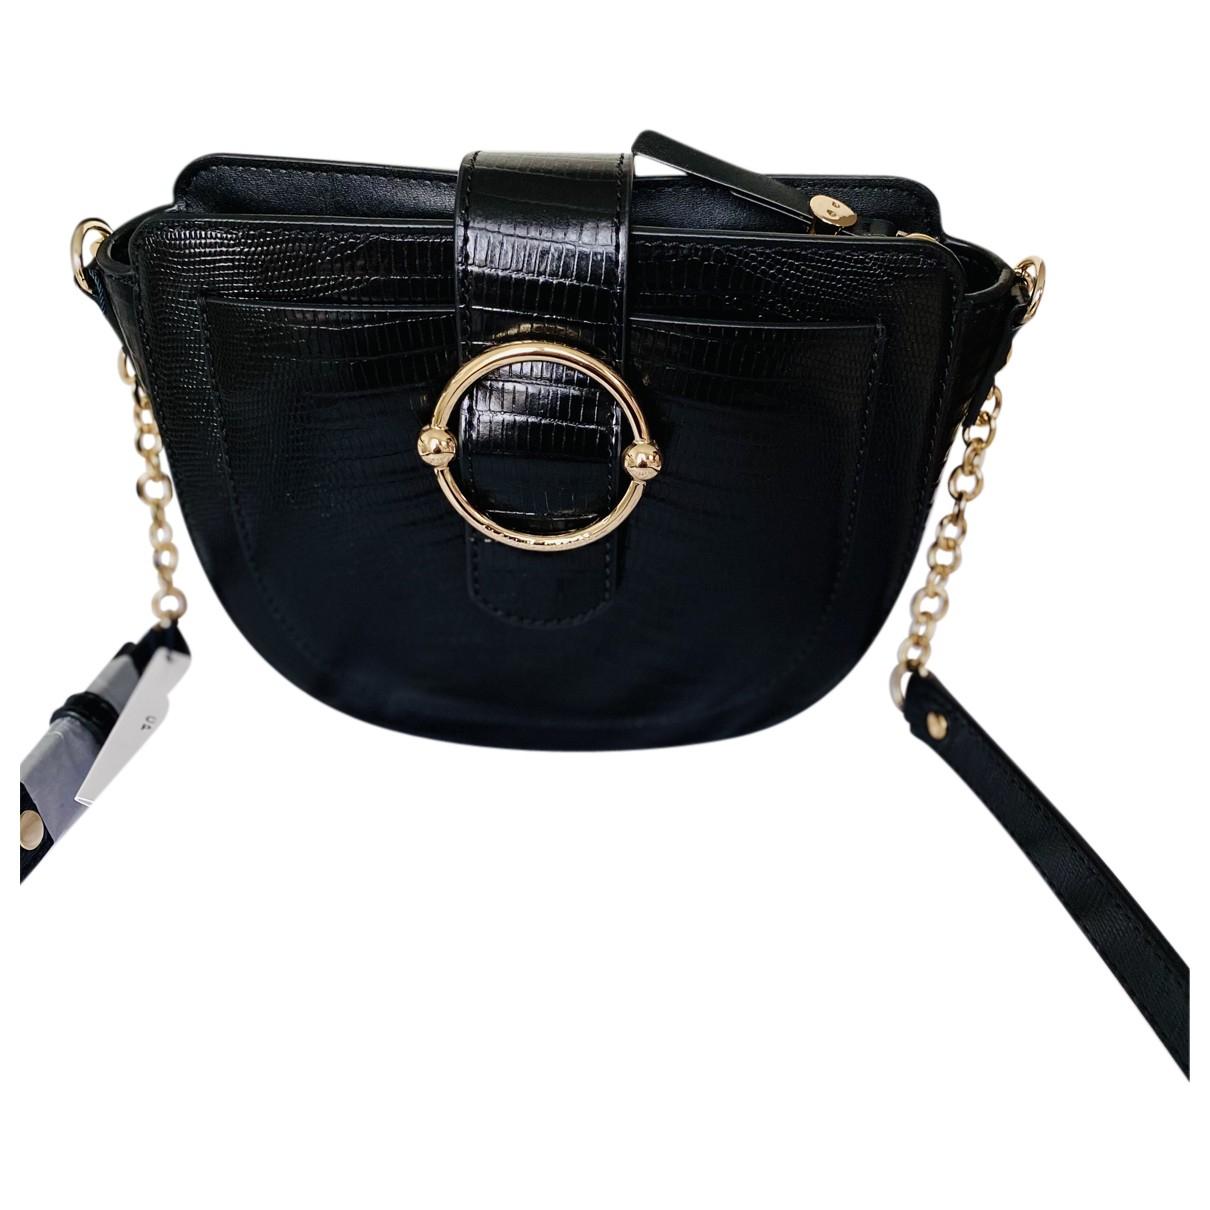 Claudie Pierlot Spring Summer 2020 Handtasche in  Schwarz Leder